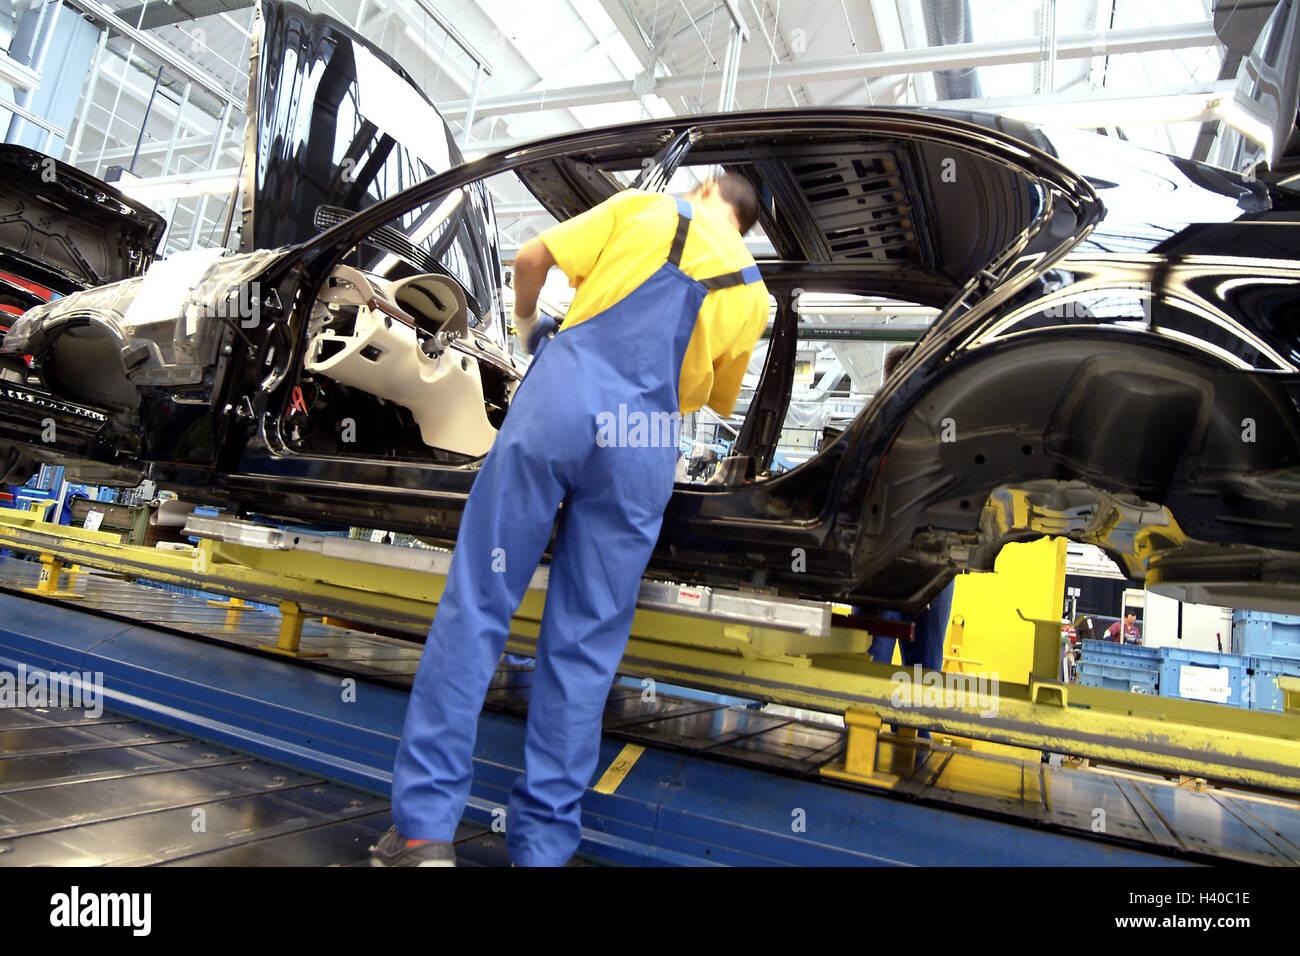 travailleur linstallation lquipement intrieur de lconomie lindustrie lindustrie automobile lusine opus hall voitures vhicules lpkw